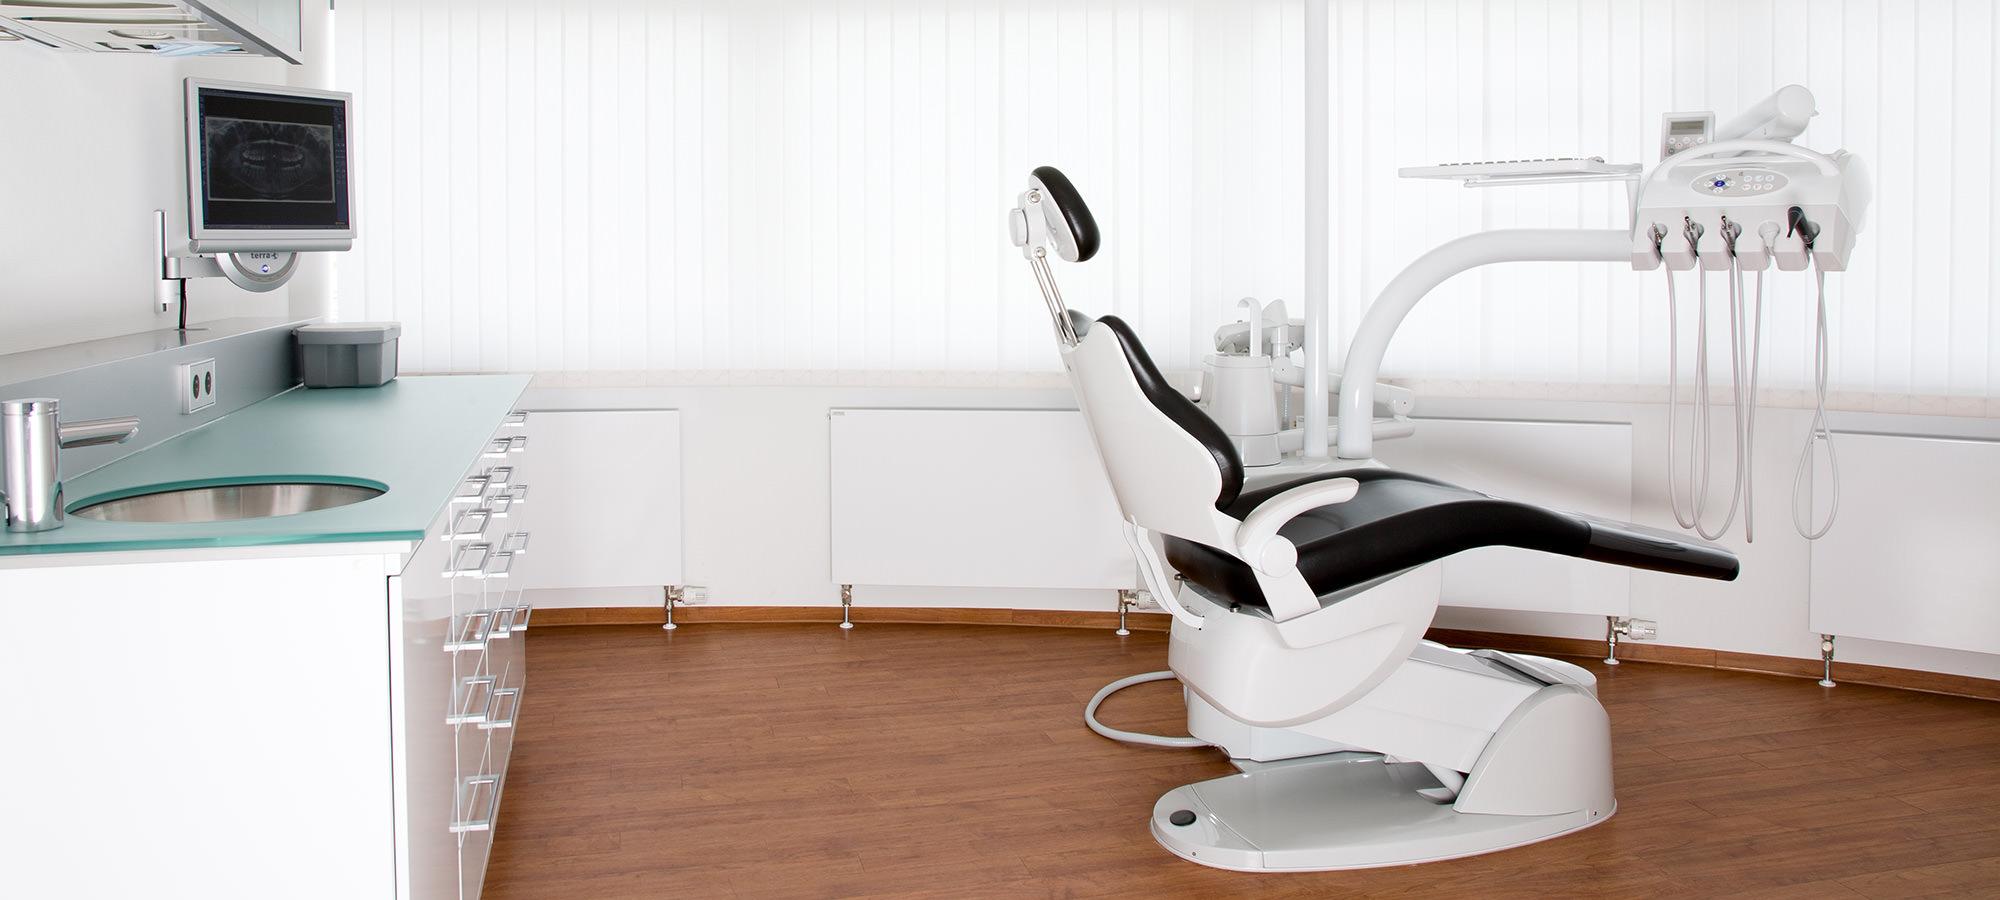 Praxis für Implantologie, Implantate, Zahnimplantate Stuttgart